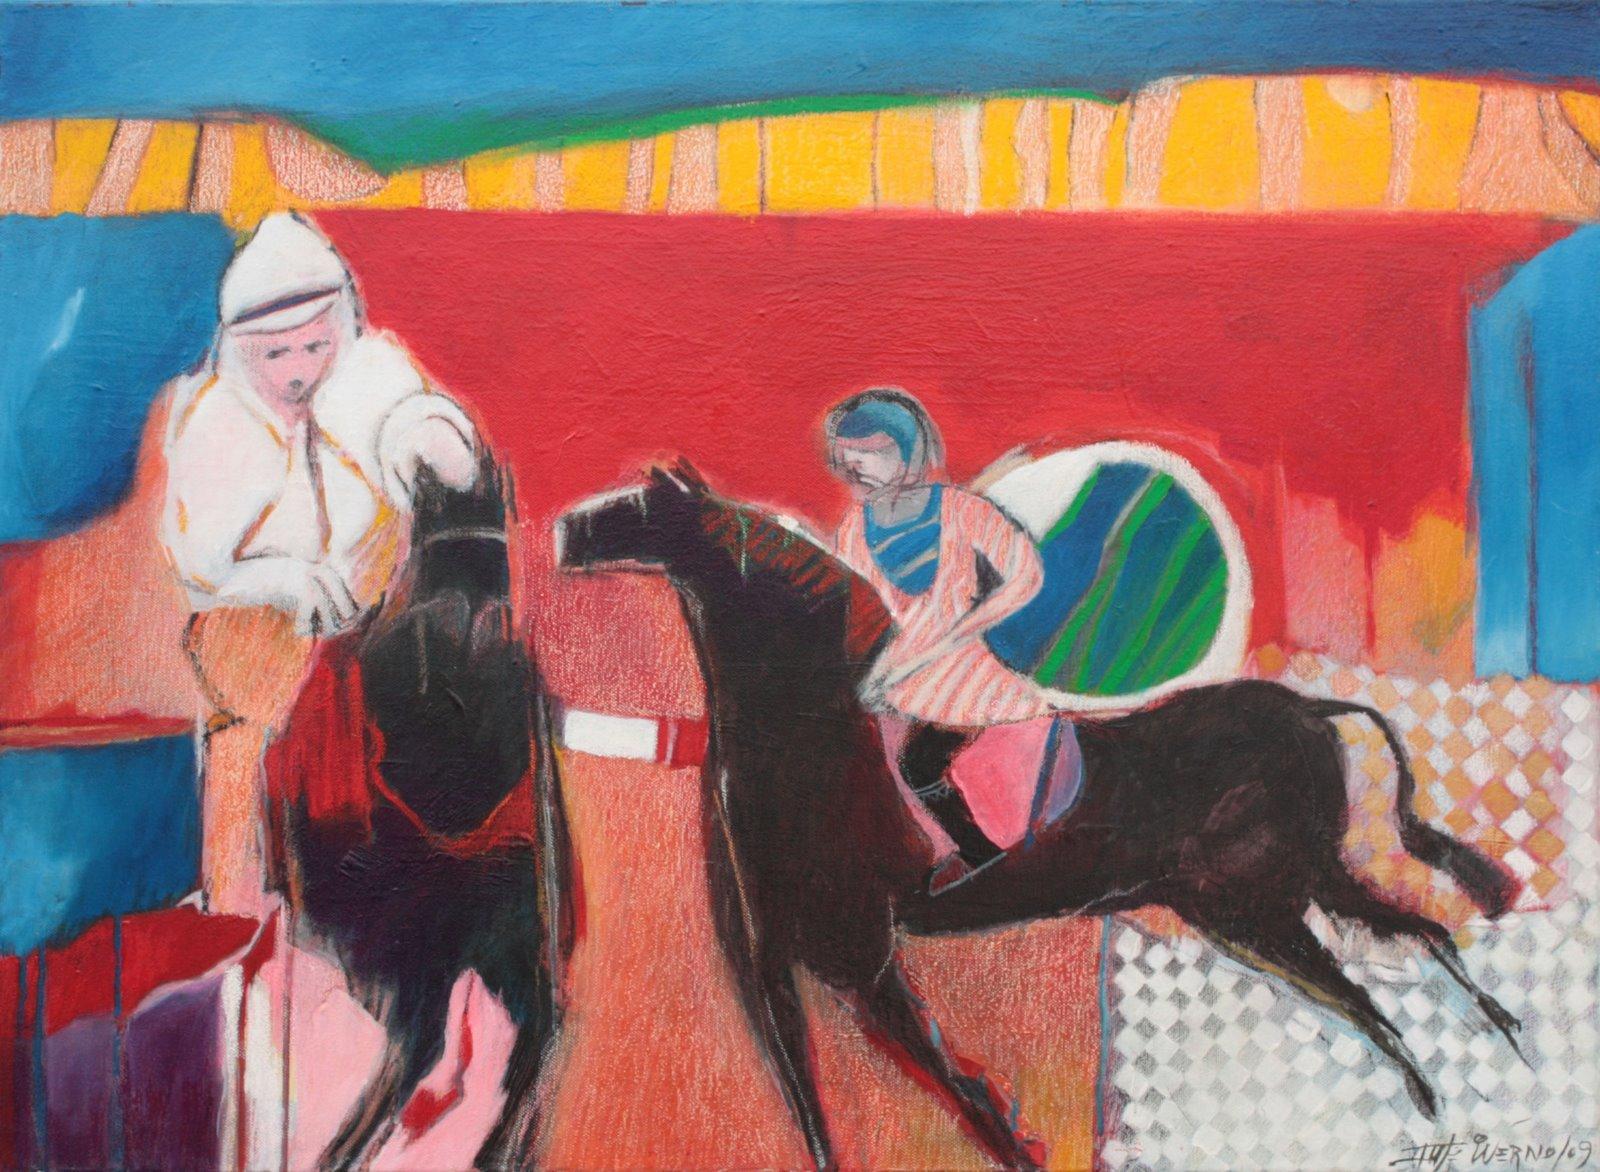 Morreu o artista plástico António Inverno, aos 71 anos